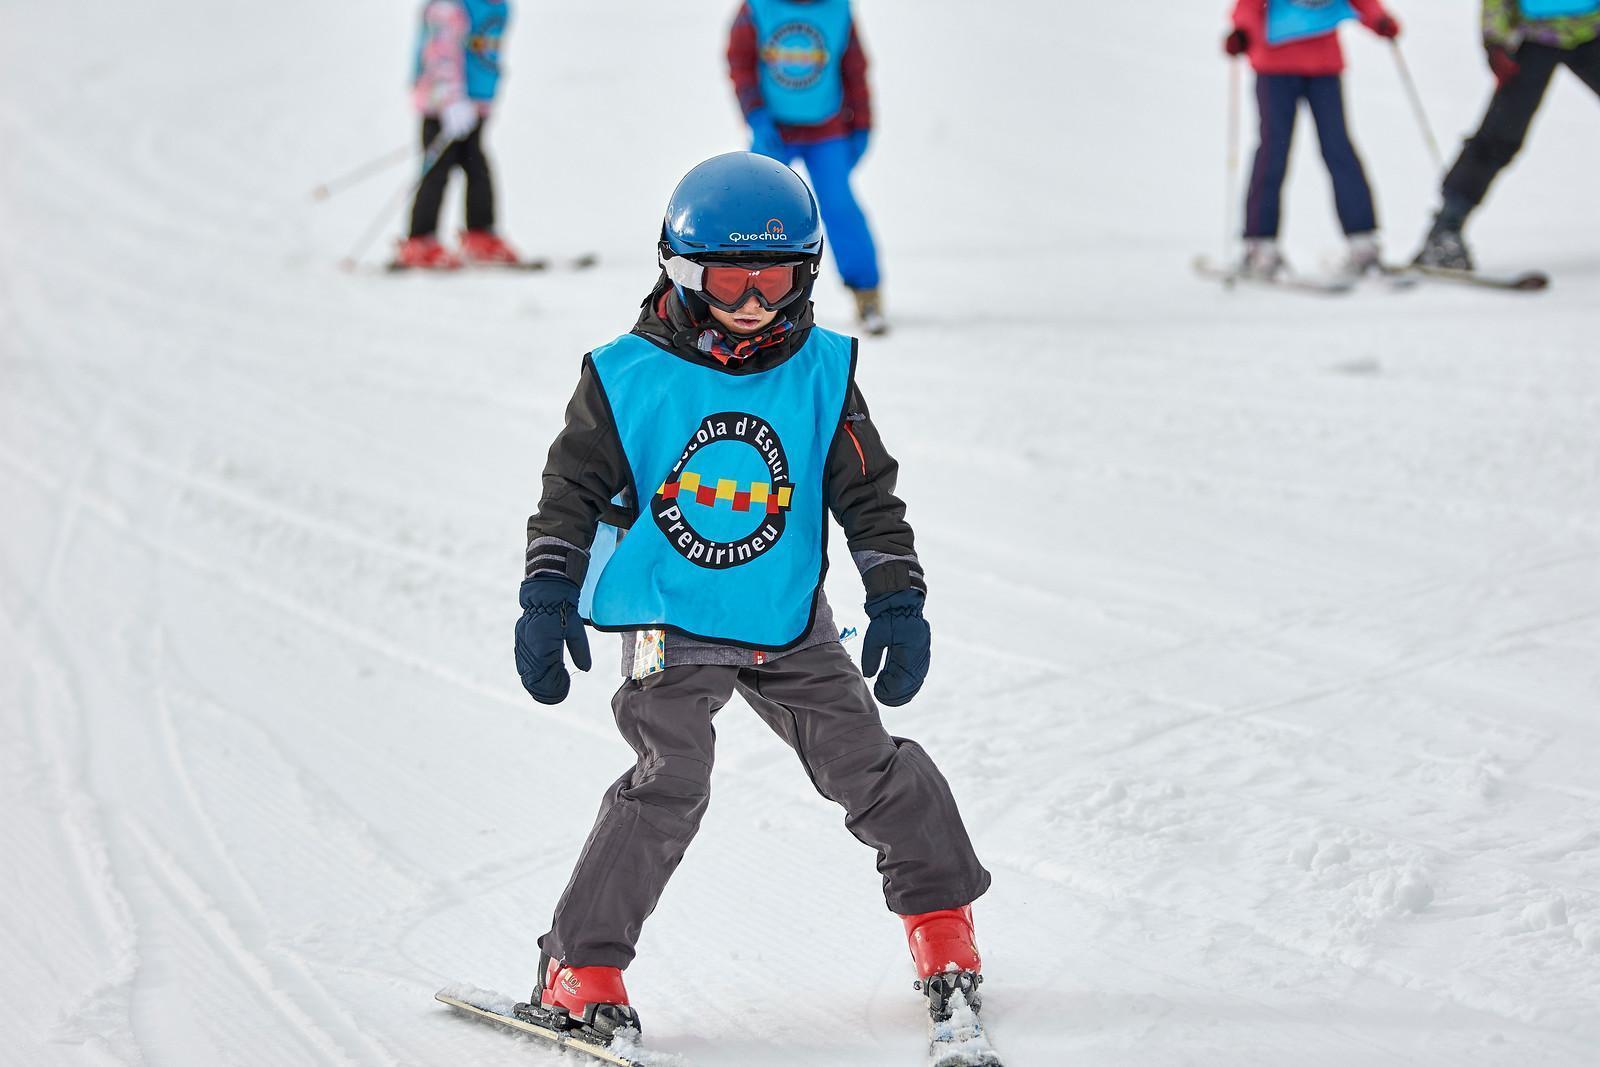 Bautizo de esquí (de 4 a 6 años) en Tavascan